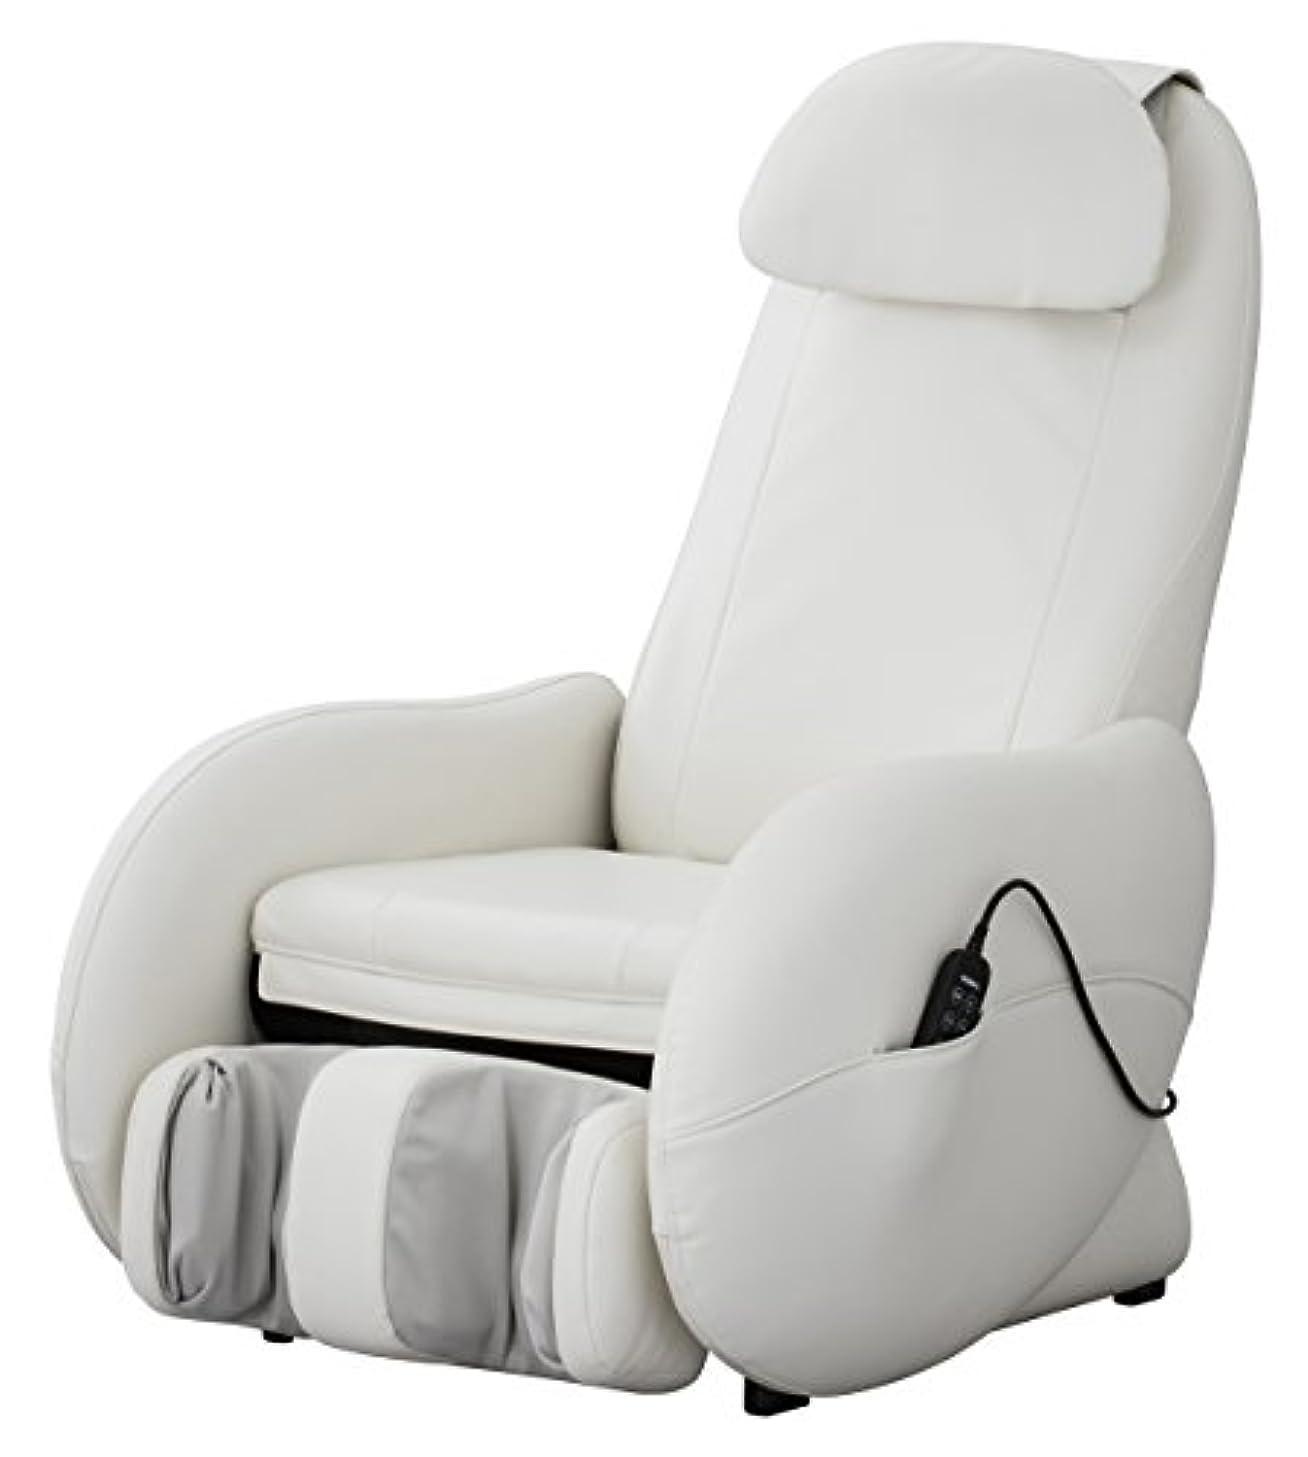 提供する出費高揚したスライヴ くつろぎ指定席Light マッサージチェア CHD-3500-WH ホワイト 正規品 おしゃれ コンパクト 小型